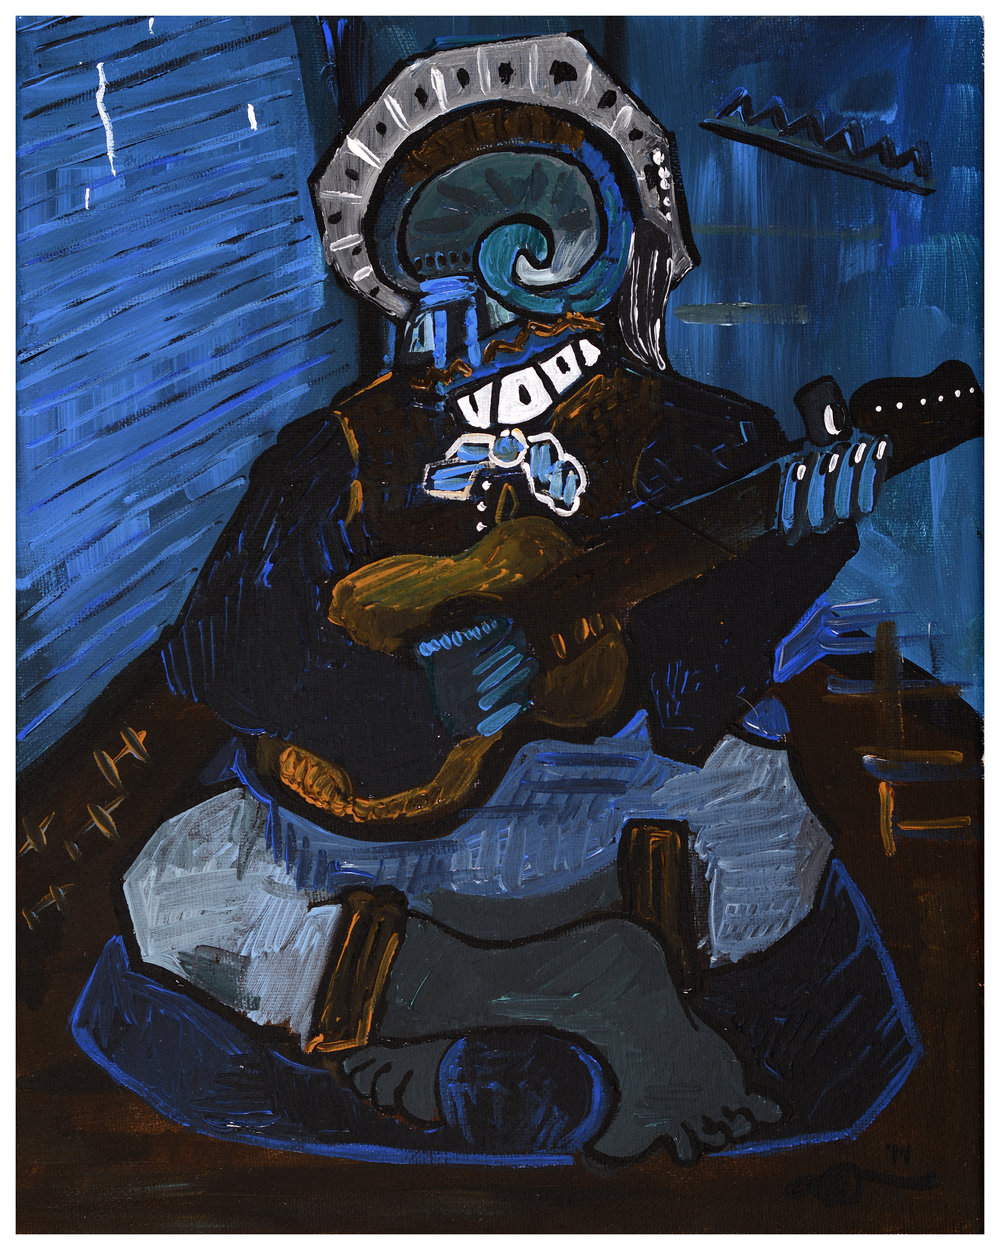 Self-Portrait II - Blue Man